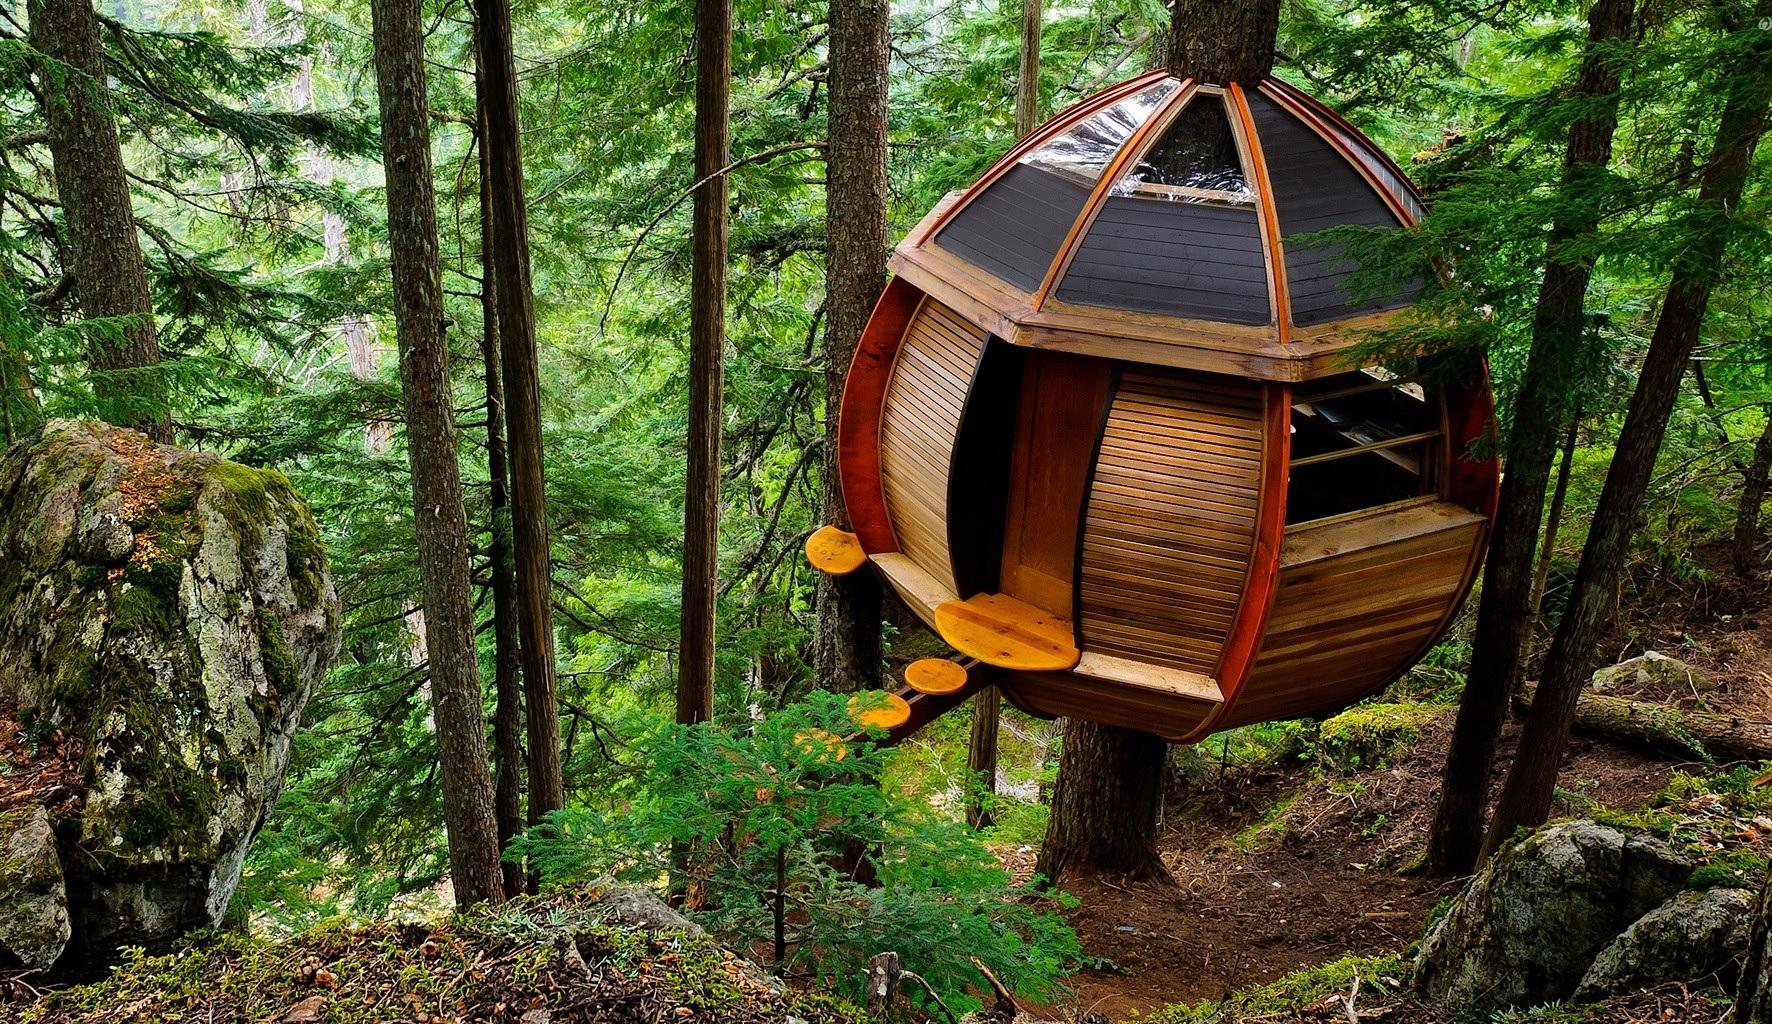 Hình ảnh ngôi nhà tròn ở trên cây